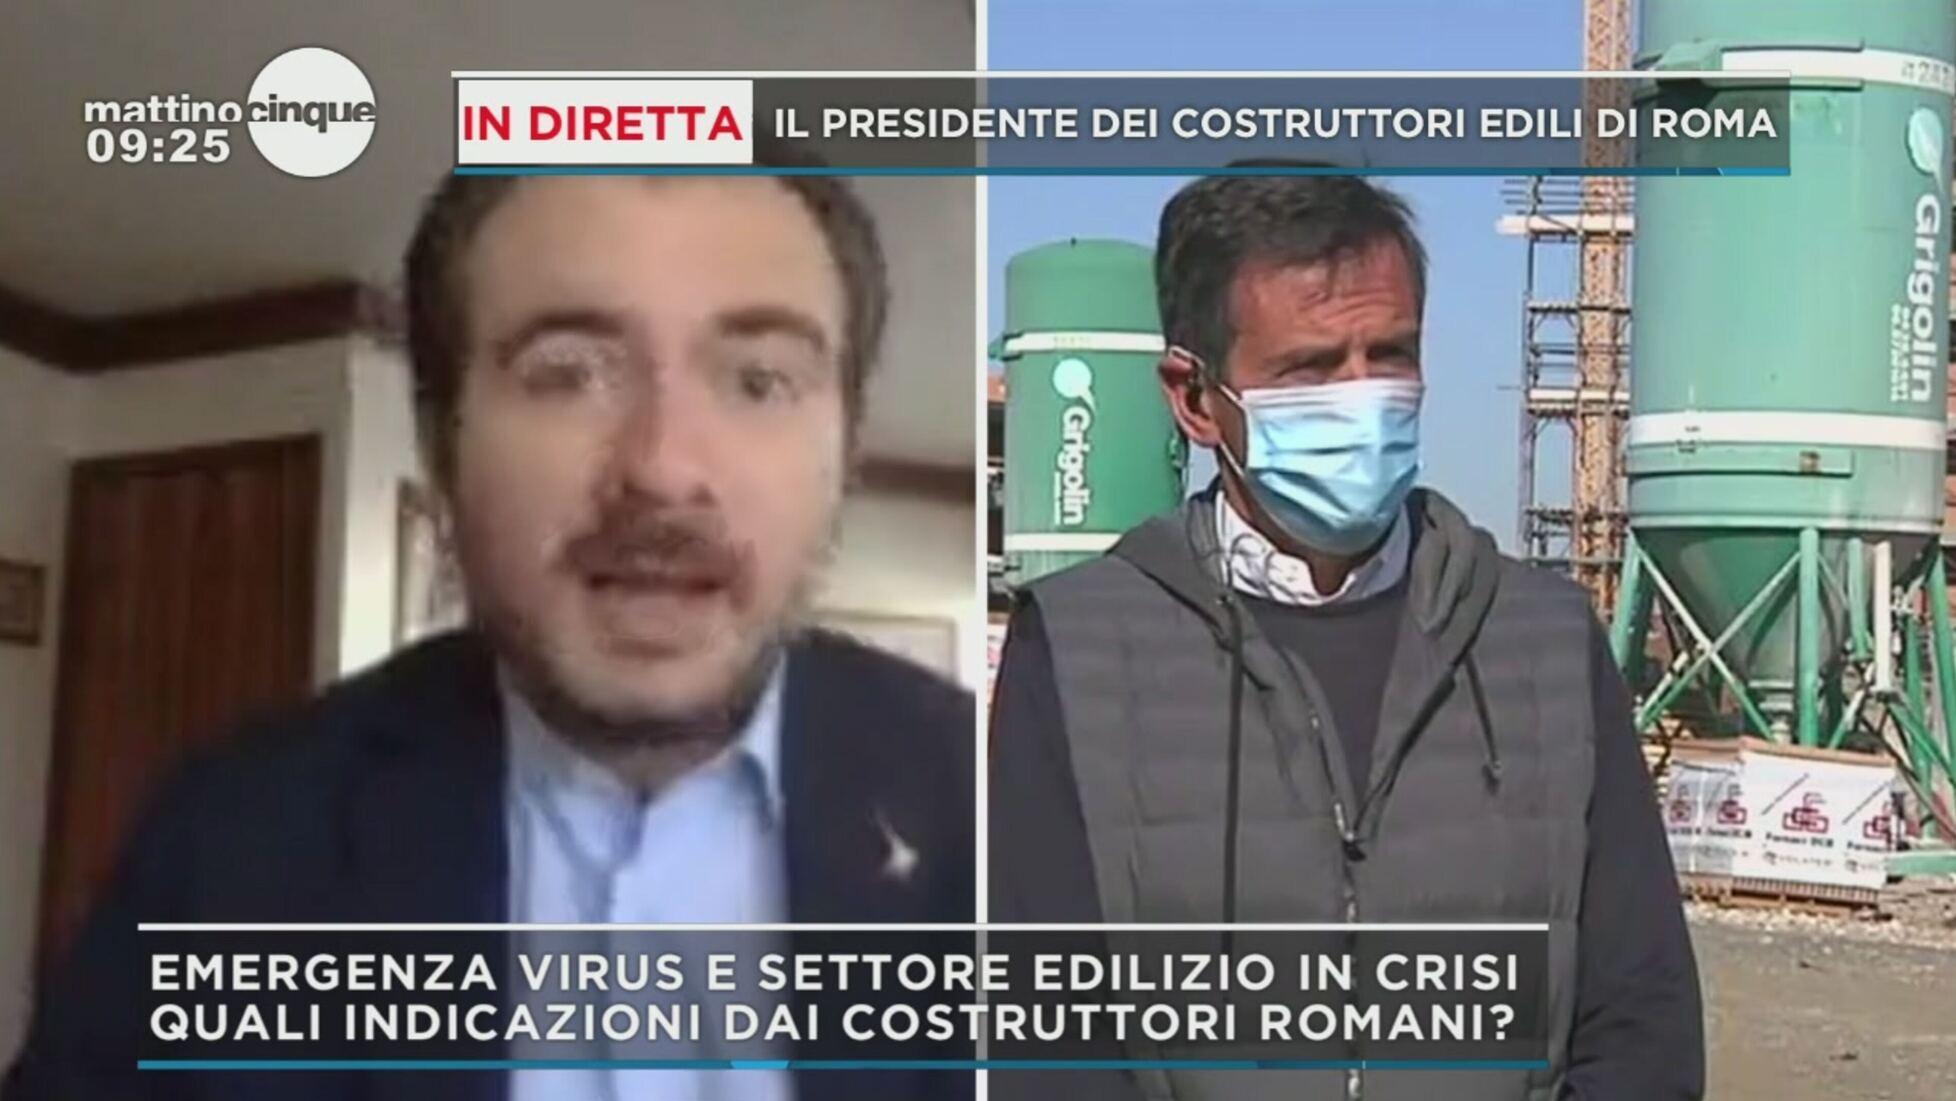 Imprese Di Costruzioni Roma mattino cinque: virus, la ripartenza delle imprese edili a roma video |  mediaset play